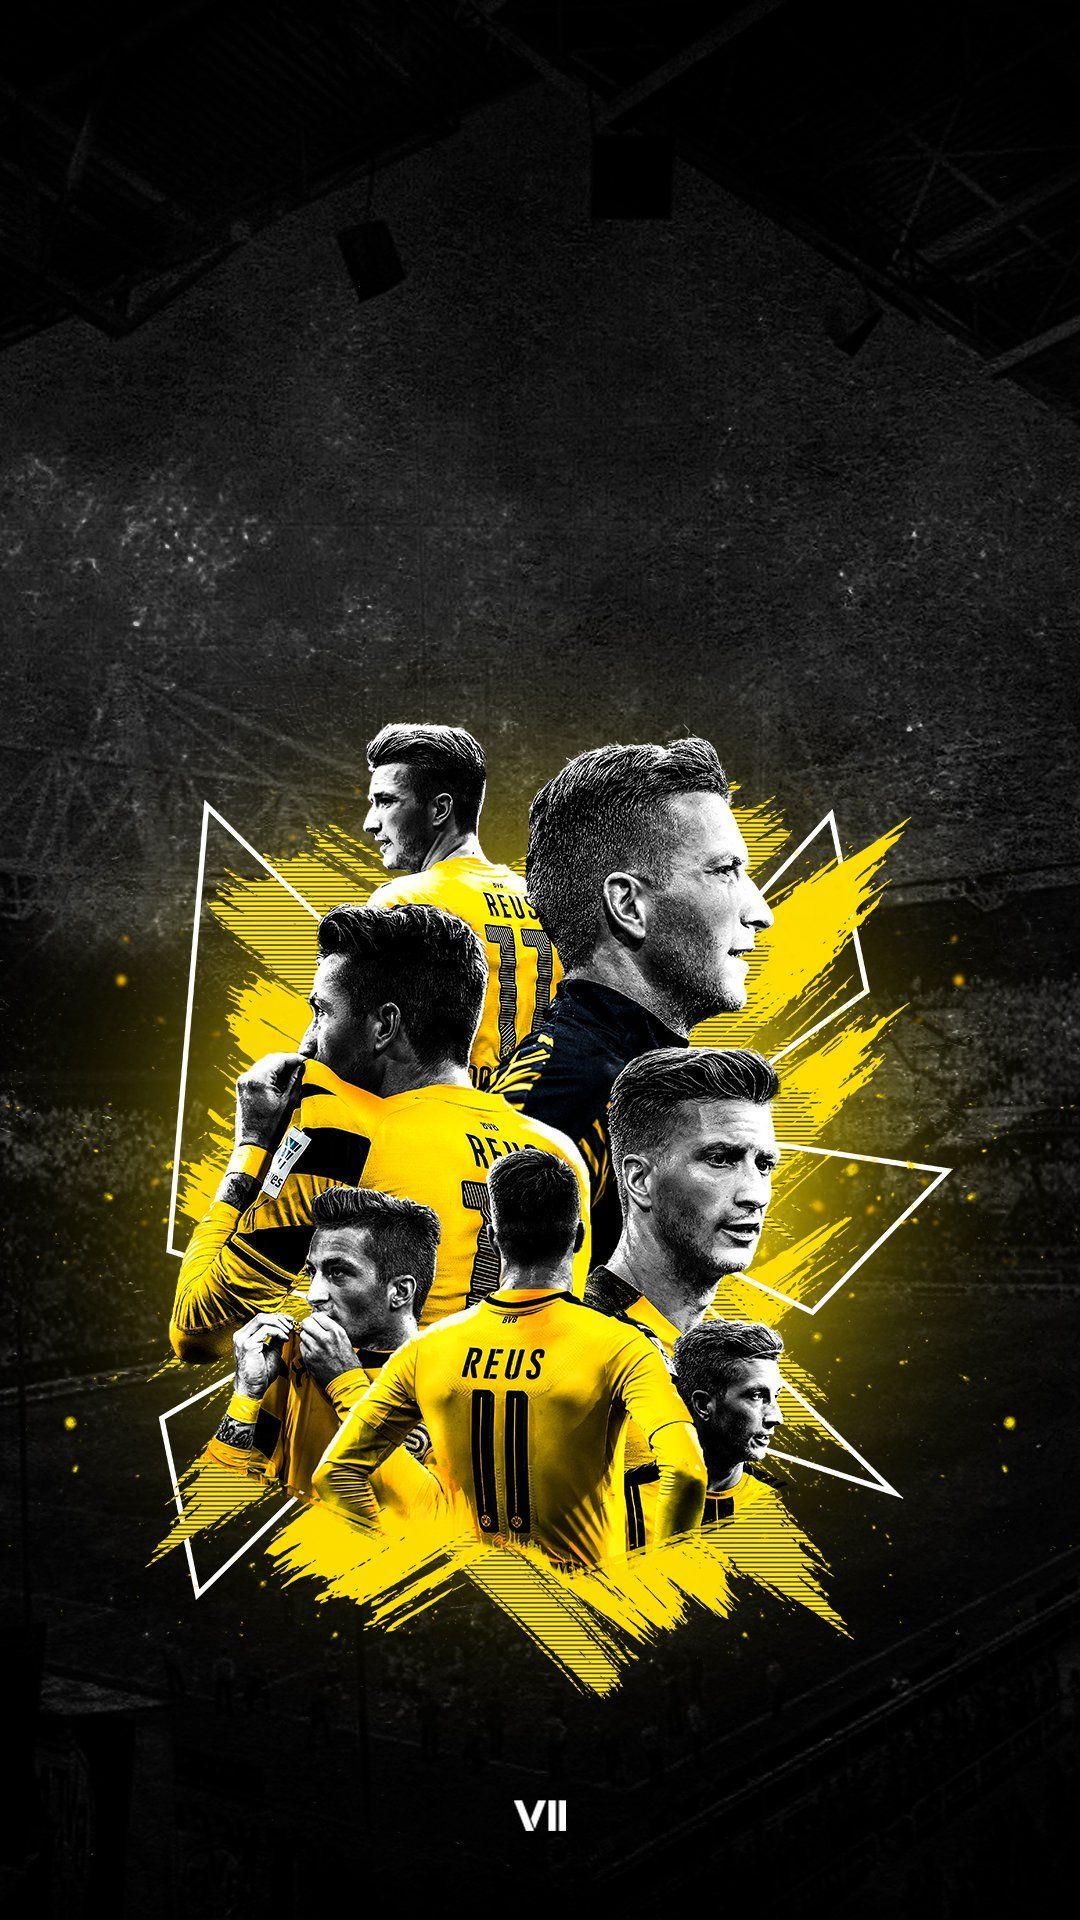 Poddesign On Twitter In 2020 Football Wallpaper Sports Graphic Design Soccer Guys